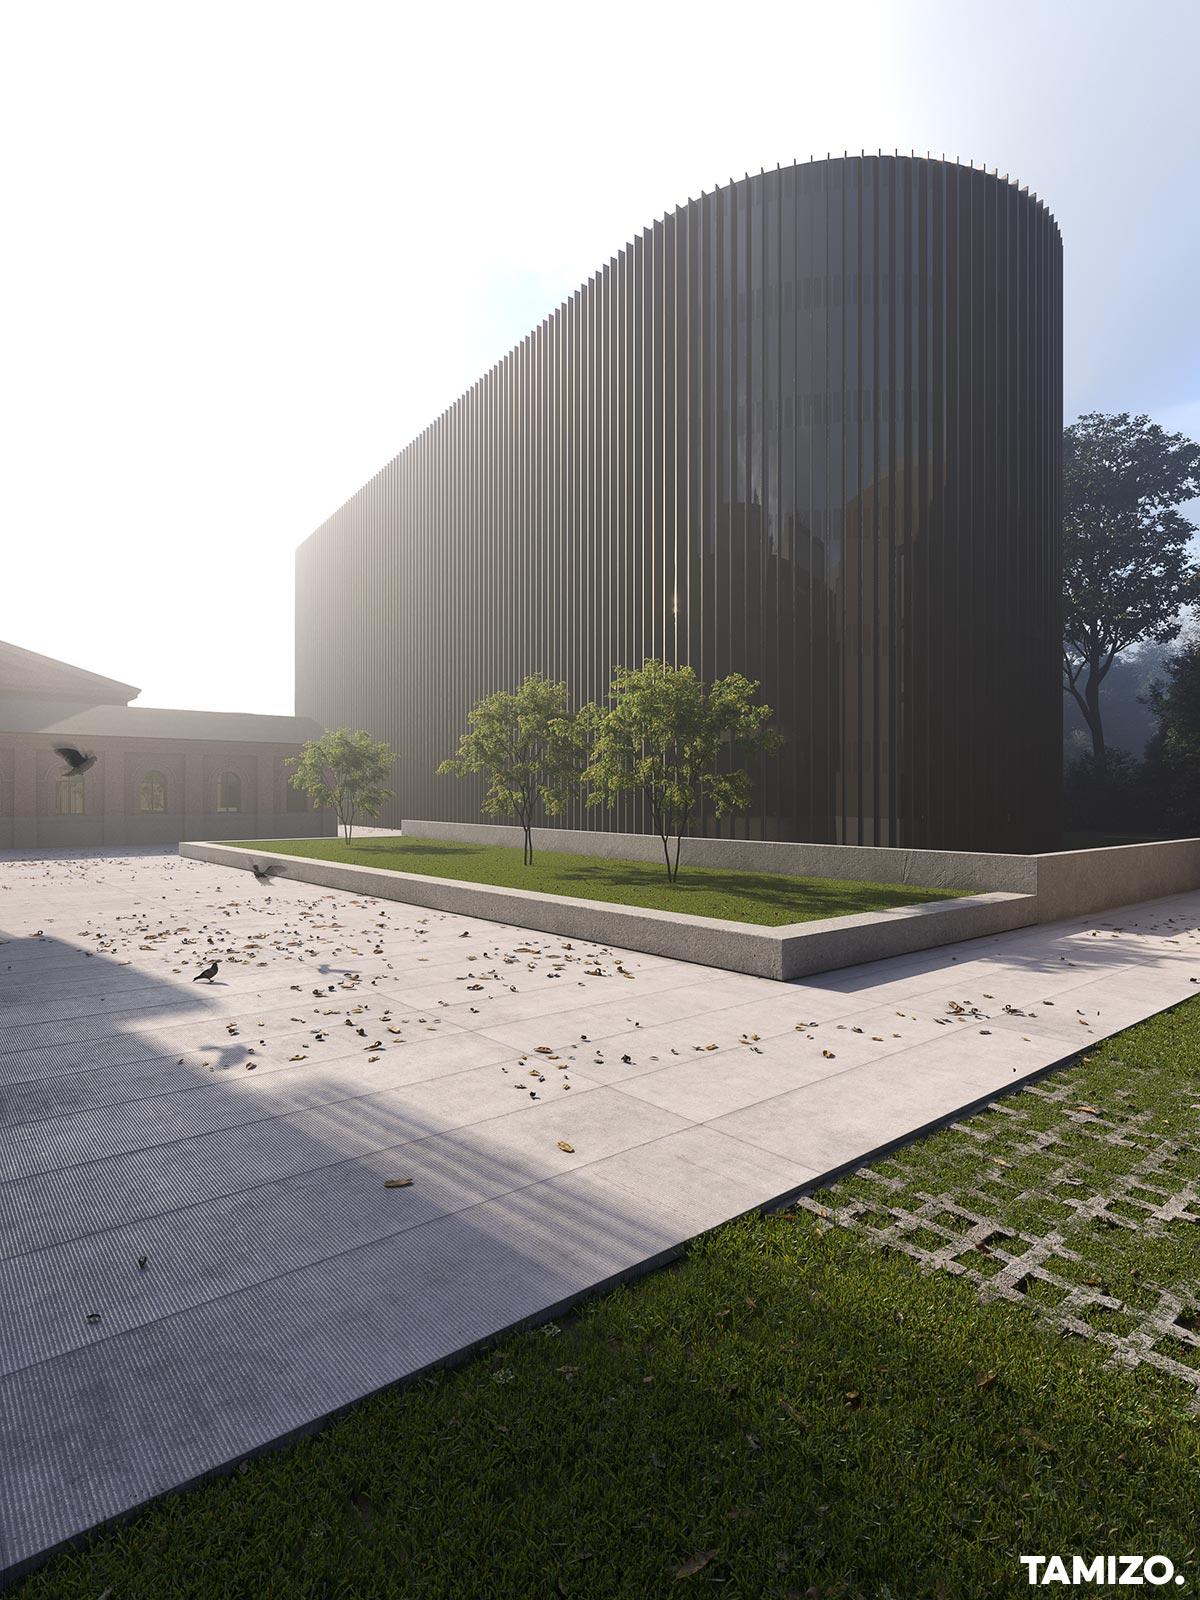 tamizo_architecture_houseing_mieszkaniowa_architektura_biura_office_builidng_lodz_03